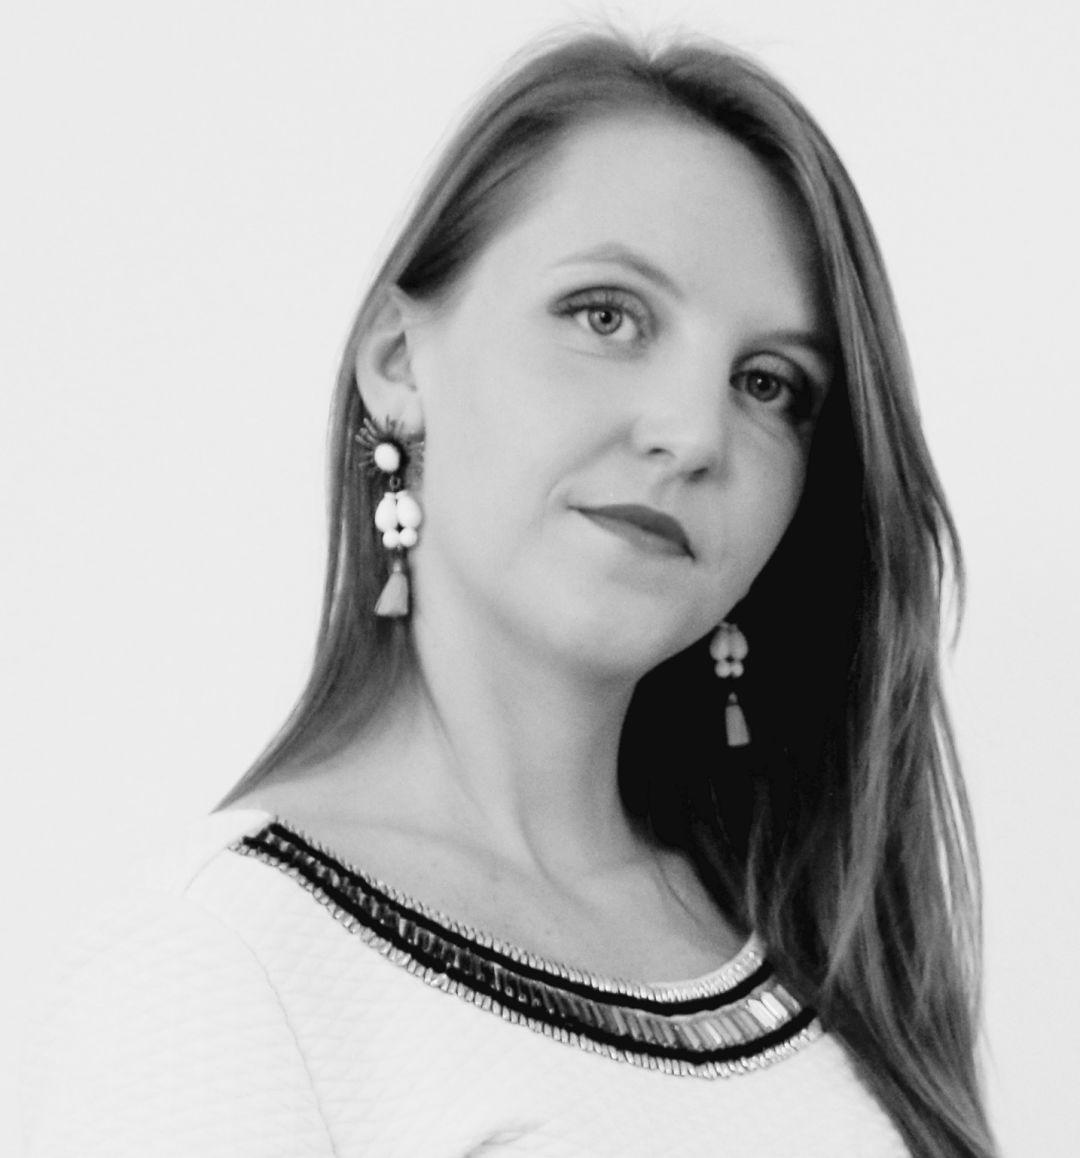 Anastasia sokolow jijvms